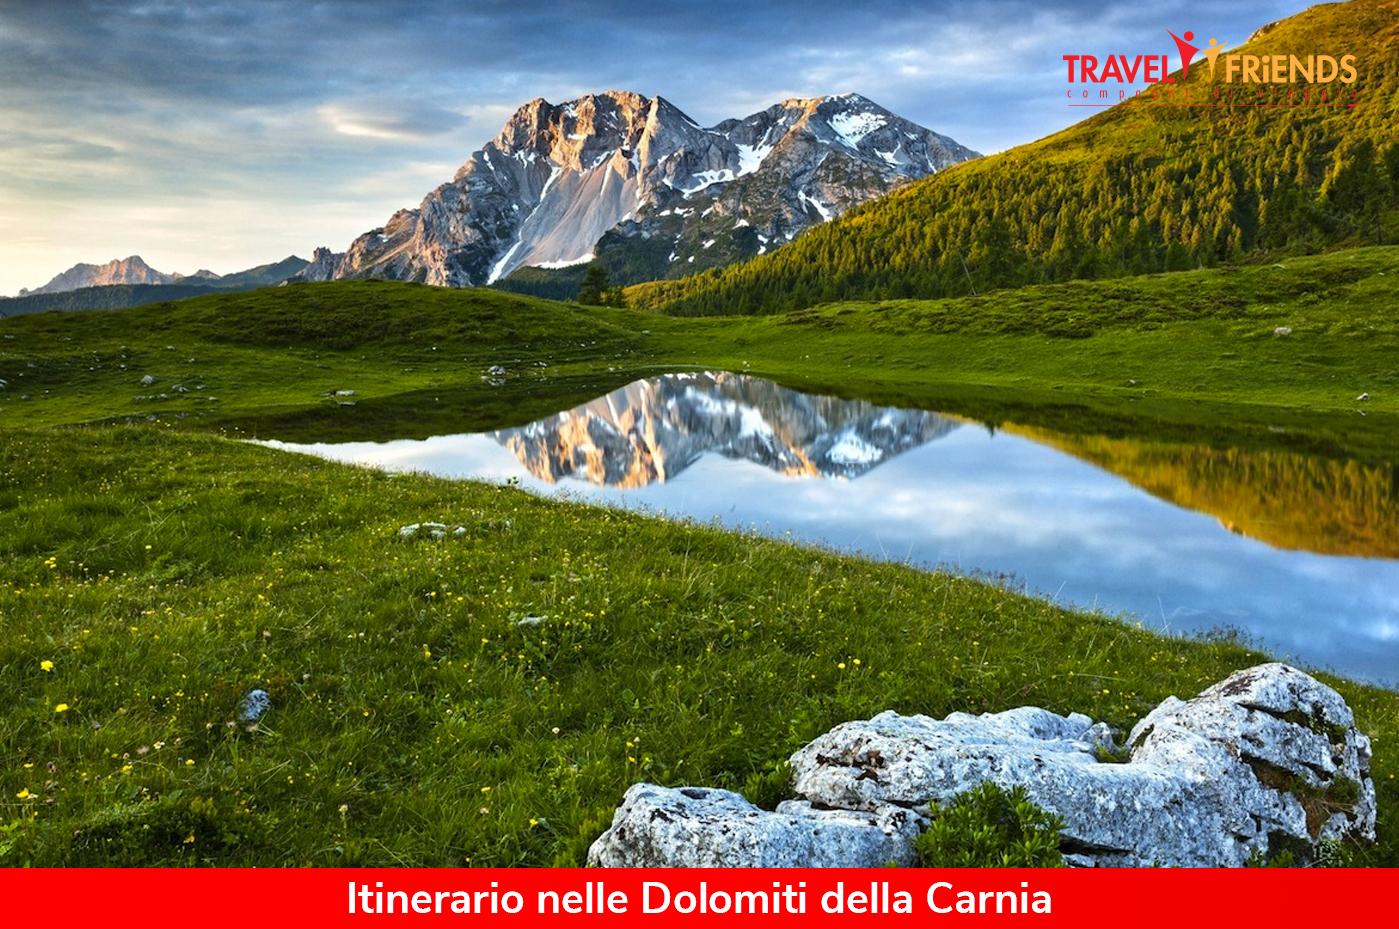 Itinerario Nelle Dolomiti Della Carnia Viaggi Di Gruppo Organizzati